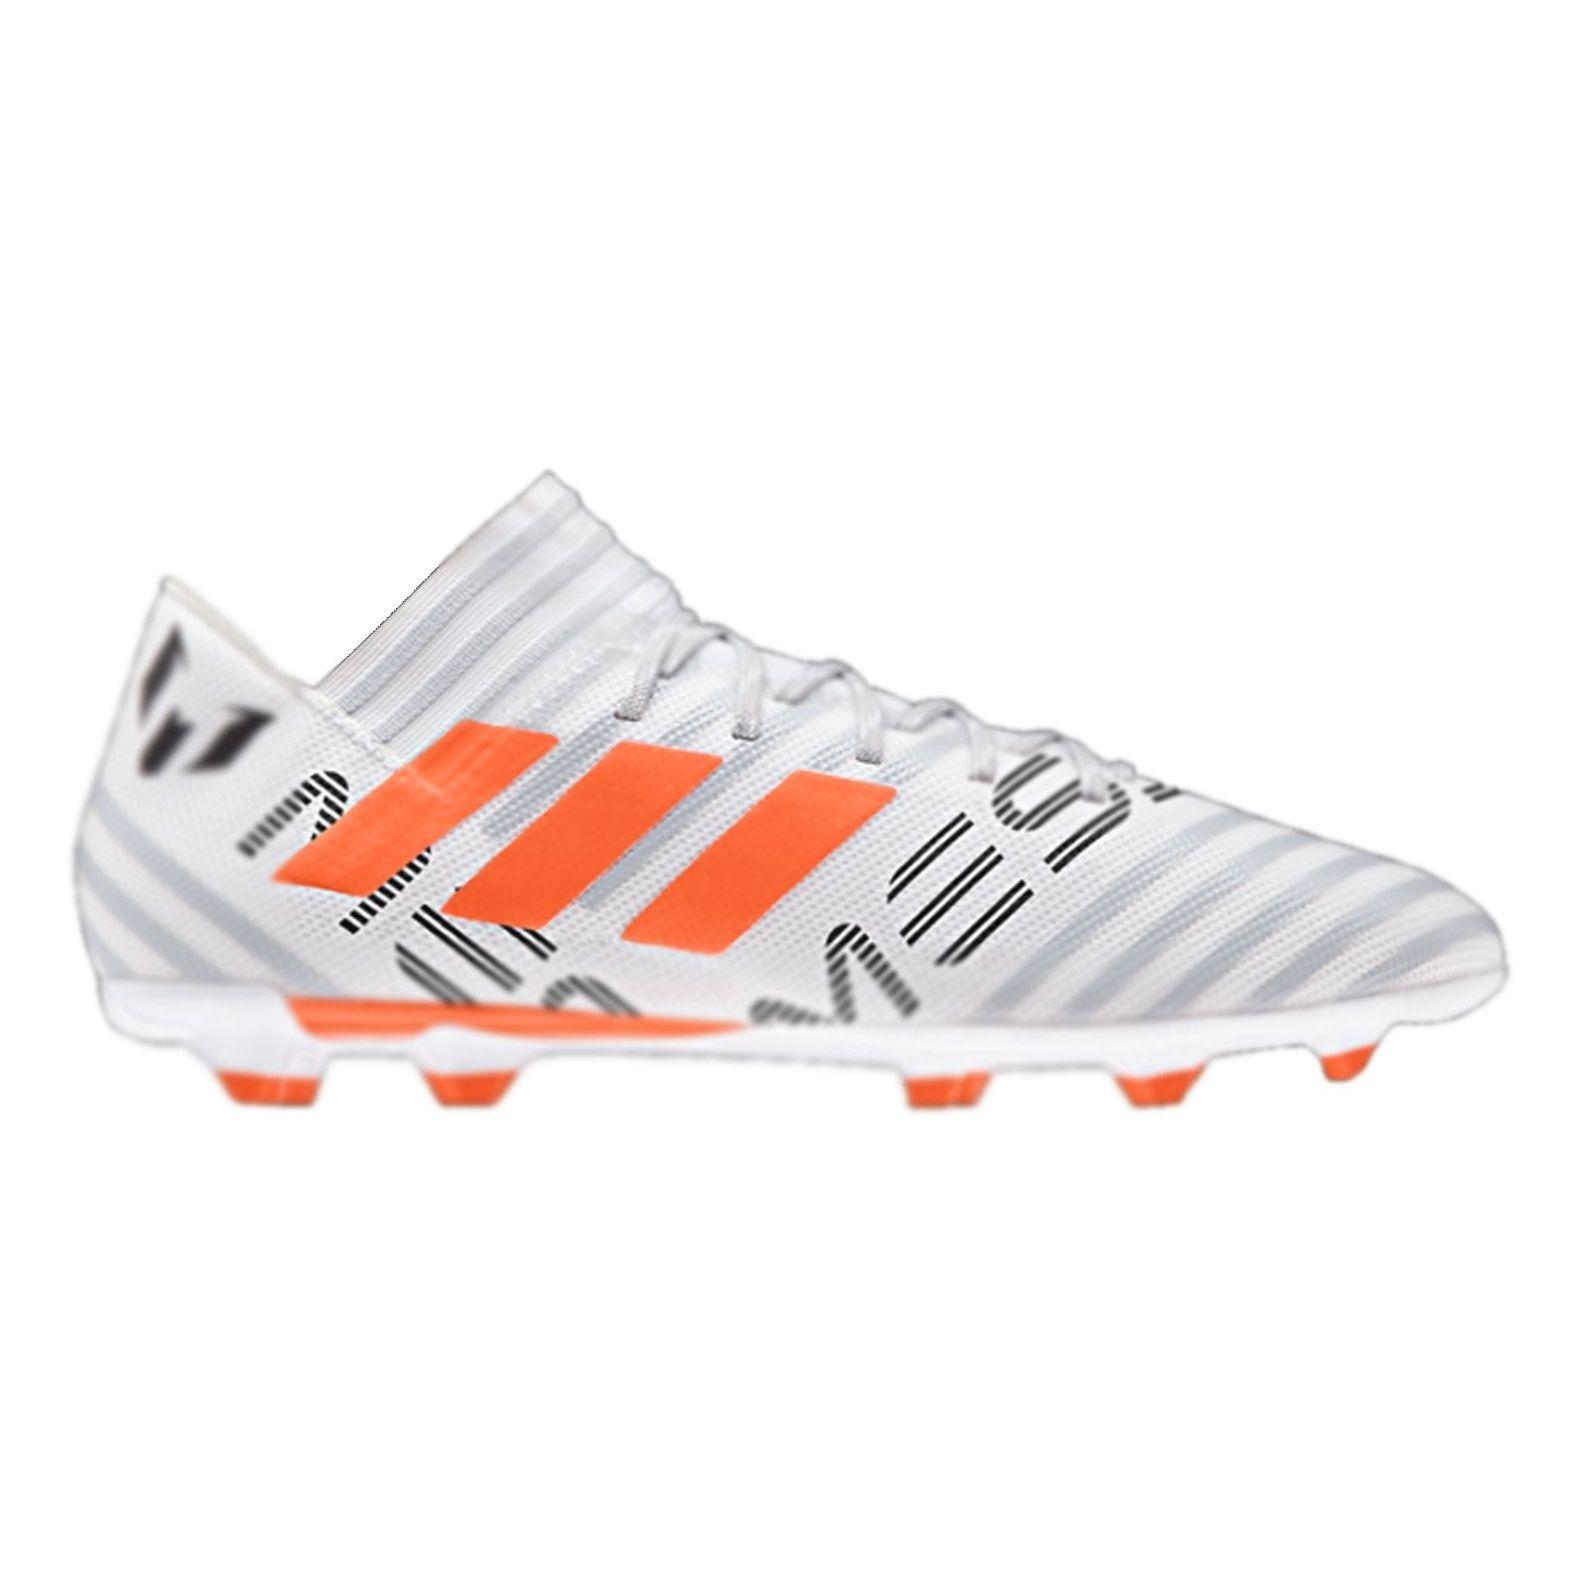 کفش مخصوص فوتبال مردانه آدیداس Nemeziz Messi 17-3 Firm Ground Cleats - چند رنگ - 1